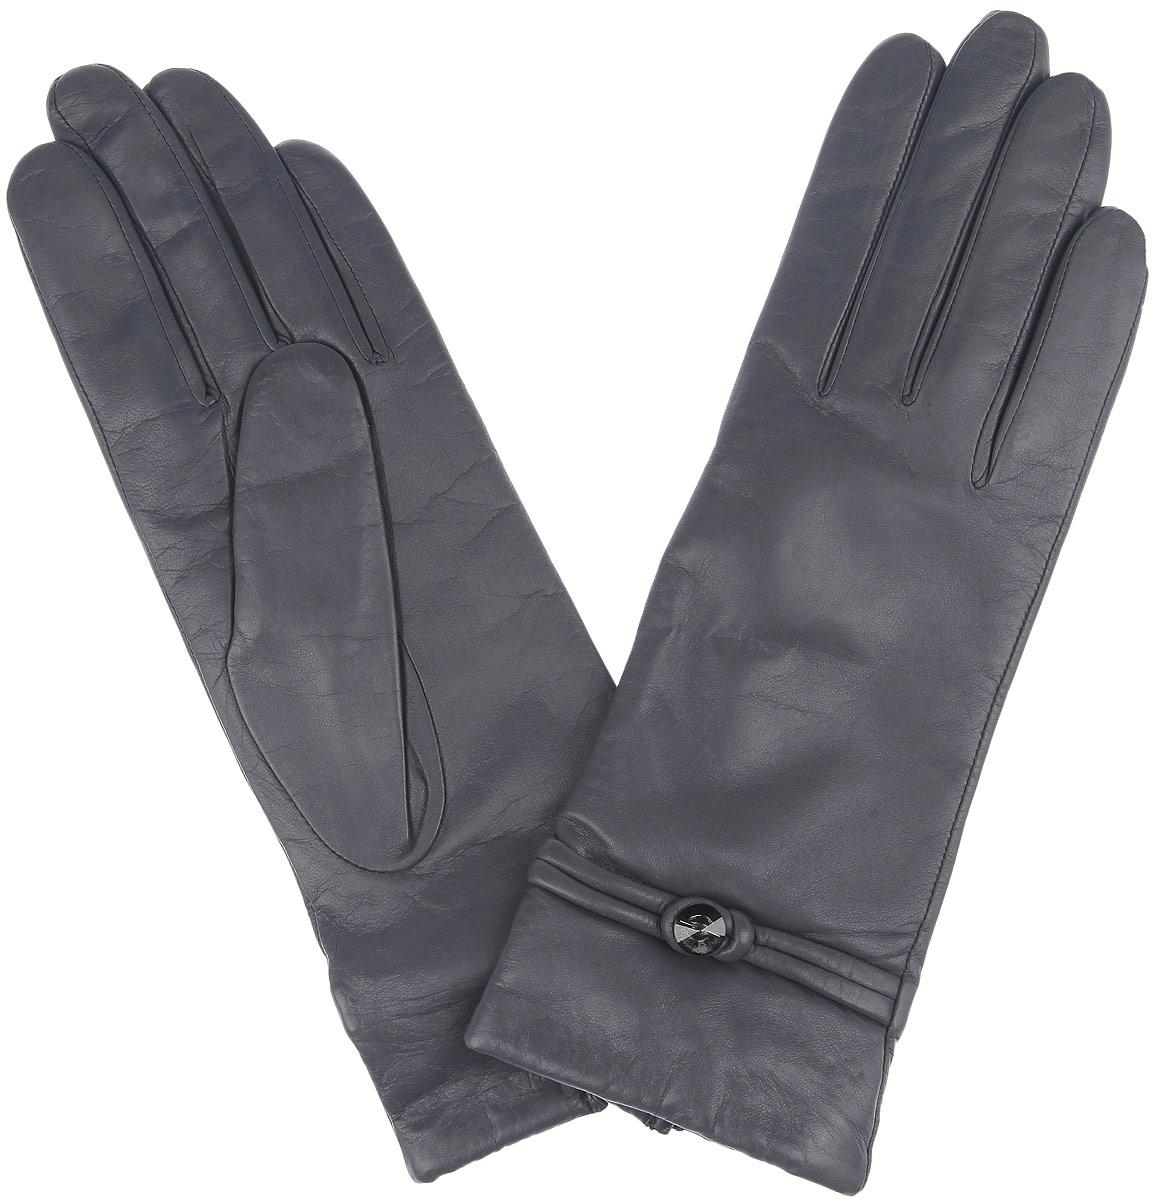 Перчатки женские. 4.74.7-9 greyСтильные женские перчатки Fabretti не только защитят ваши руки, но и станут великолепным украшением. Перчатки выполнены из чрезвычайно мягкой и приятной на ощупь натуральной кожи, а их подкладка - из шерсти с добавлением кашемира. Манжеты оформлены декоративным ремешком с бусиной. Тыльная сторона дополнена небольшим разрезом. Такие перчатки подчеркнут ваш стиль и неповторимость и придадут всему образу нотки женственности и элегантности.